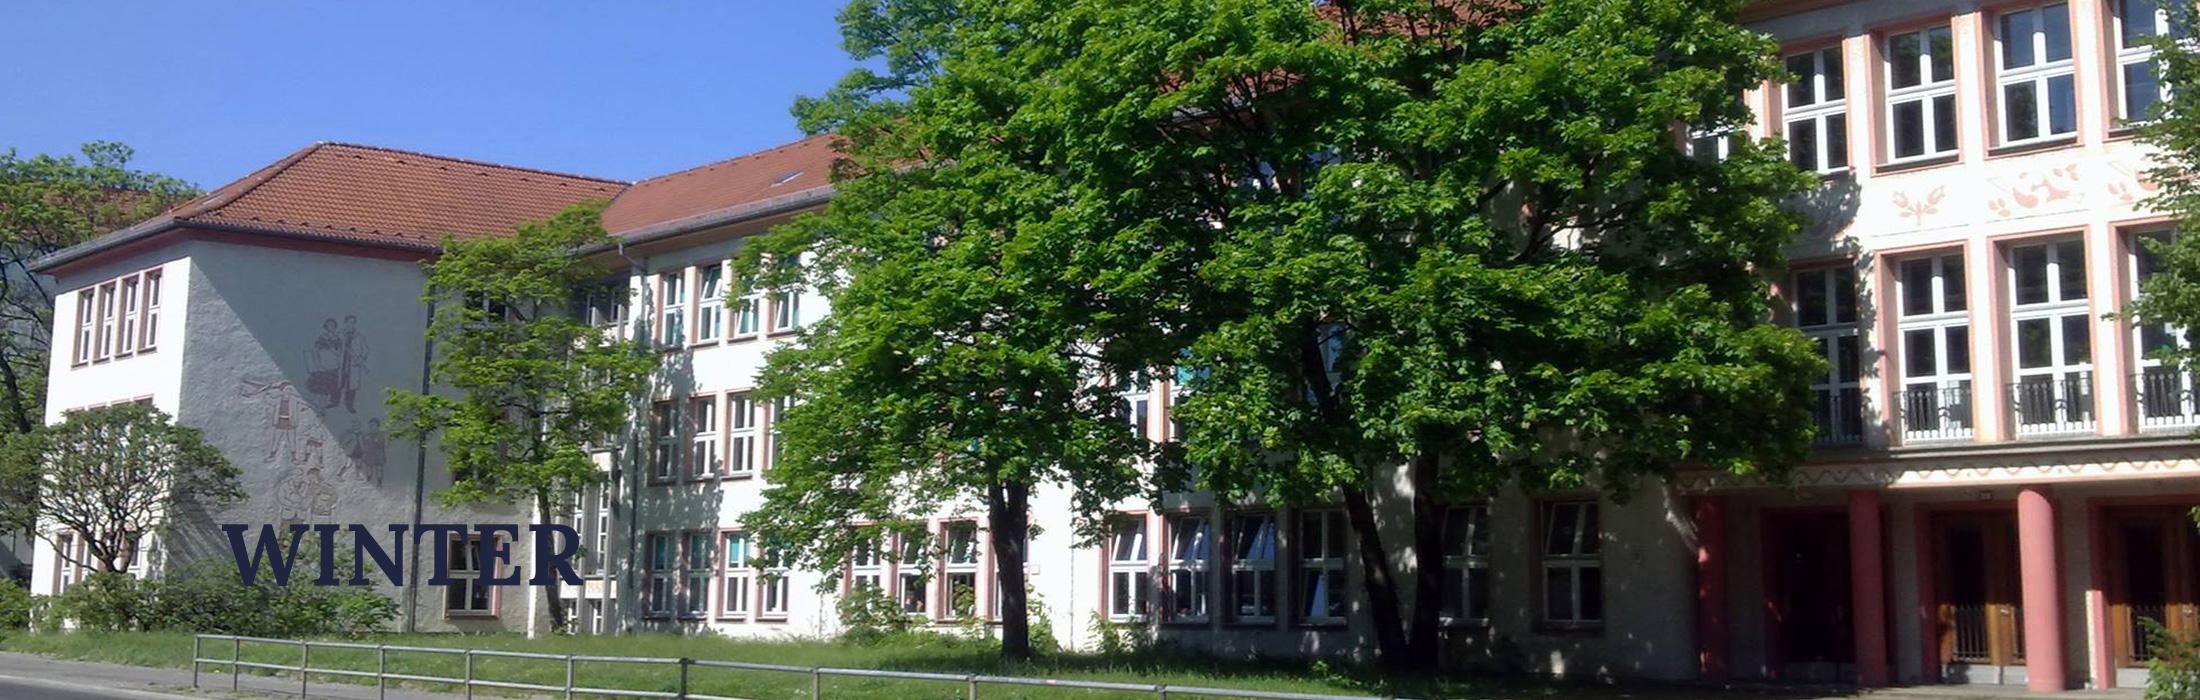 ardenne-schule-winter